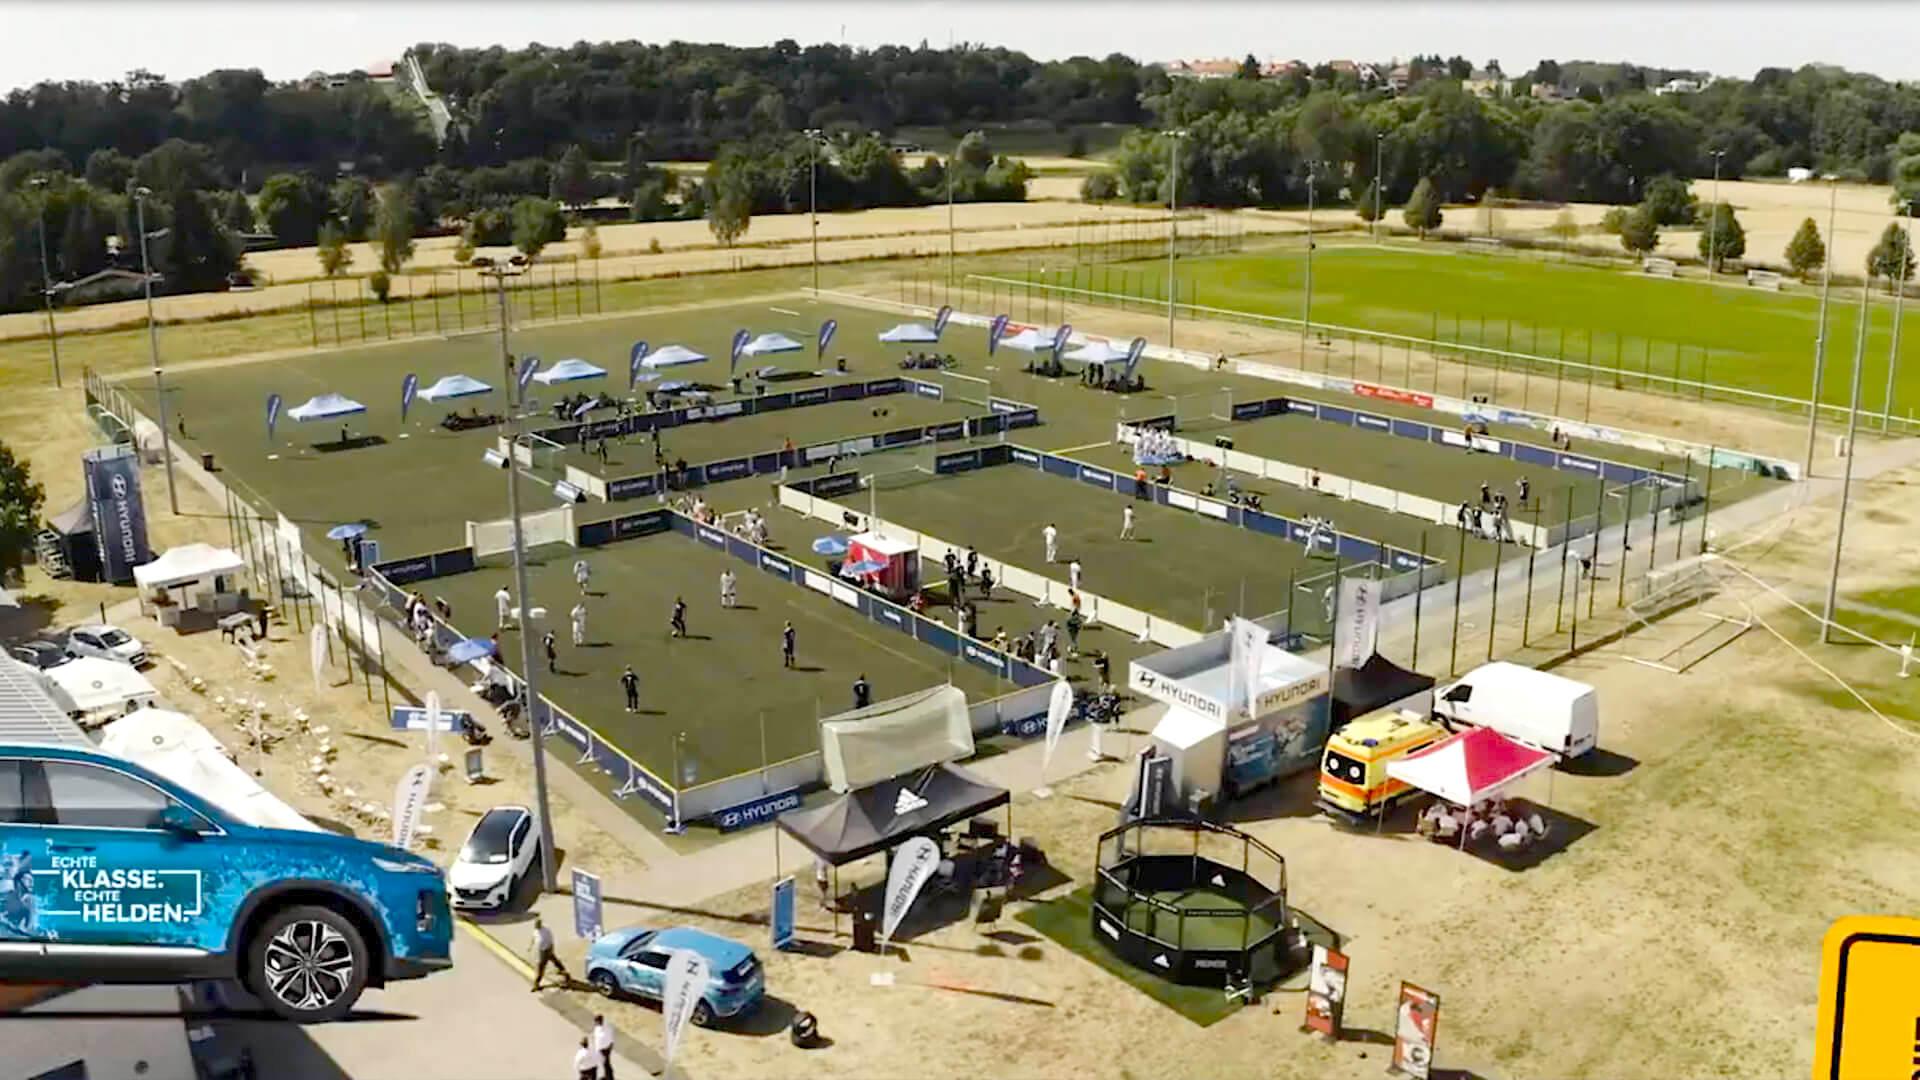 Eventorganisations Agentur zum Thema Fussball